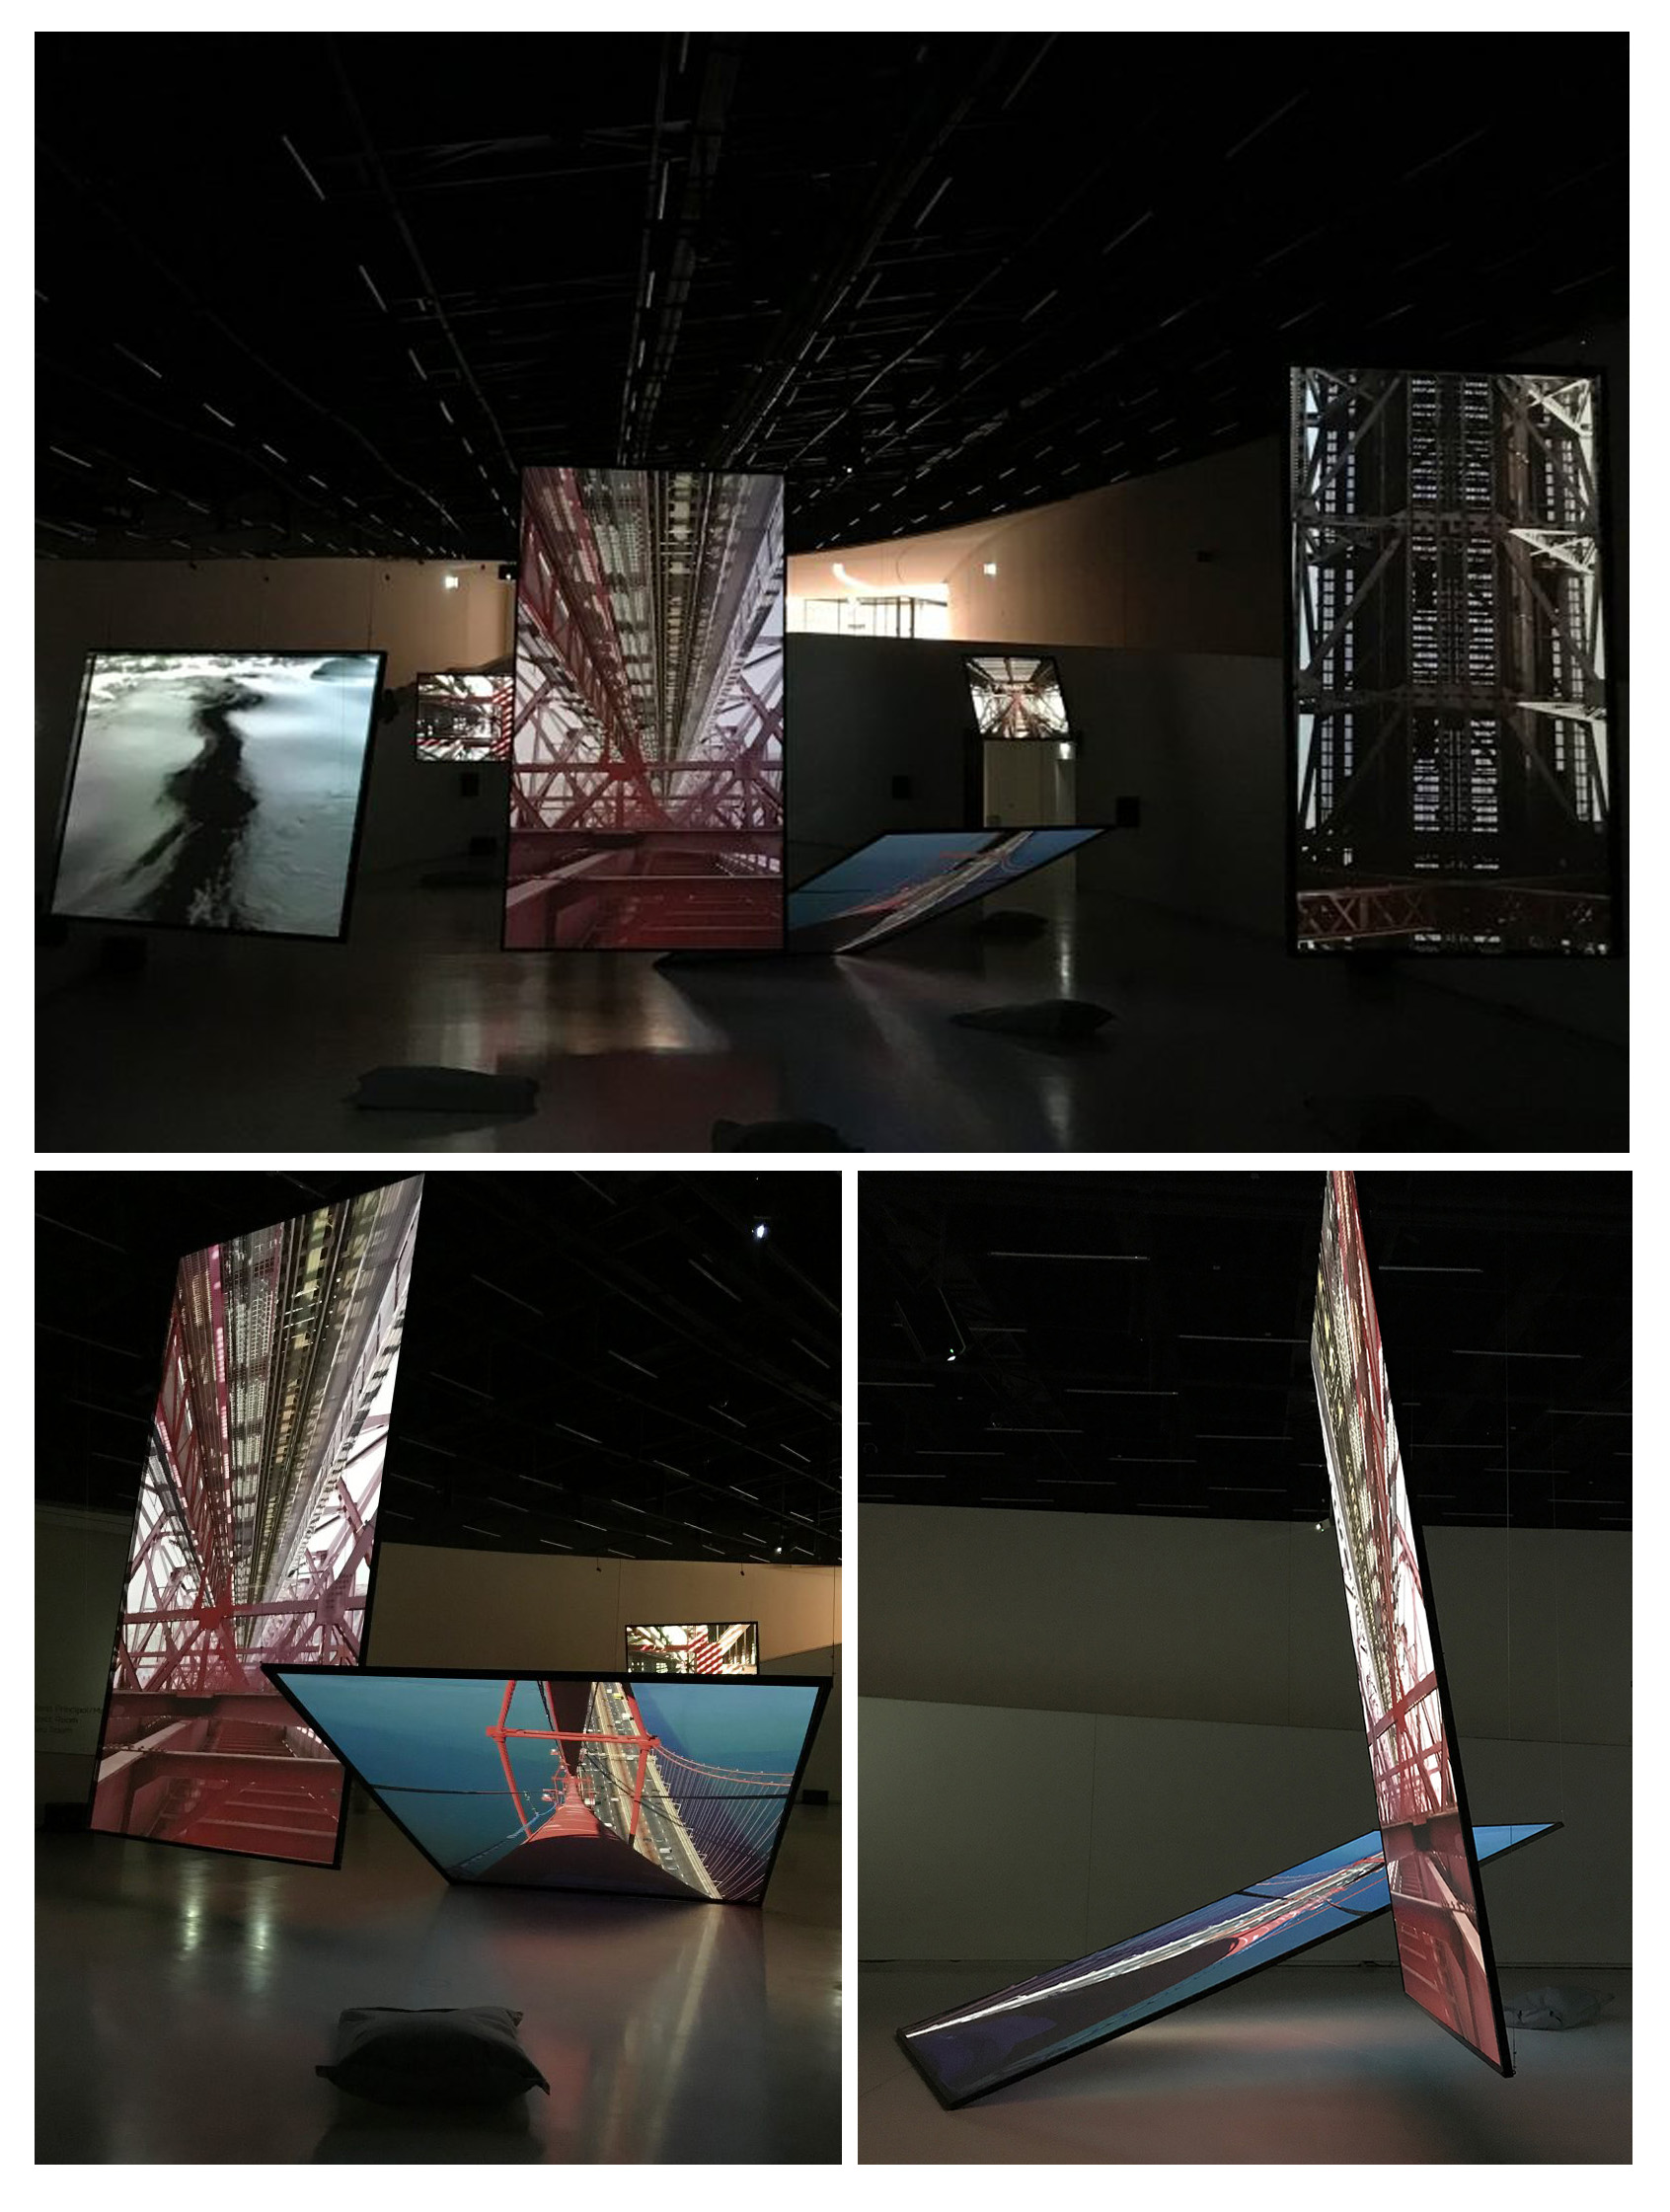 نمایشگاه صدای سایه ها در موزه MAAT پرتغال